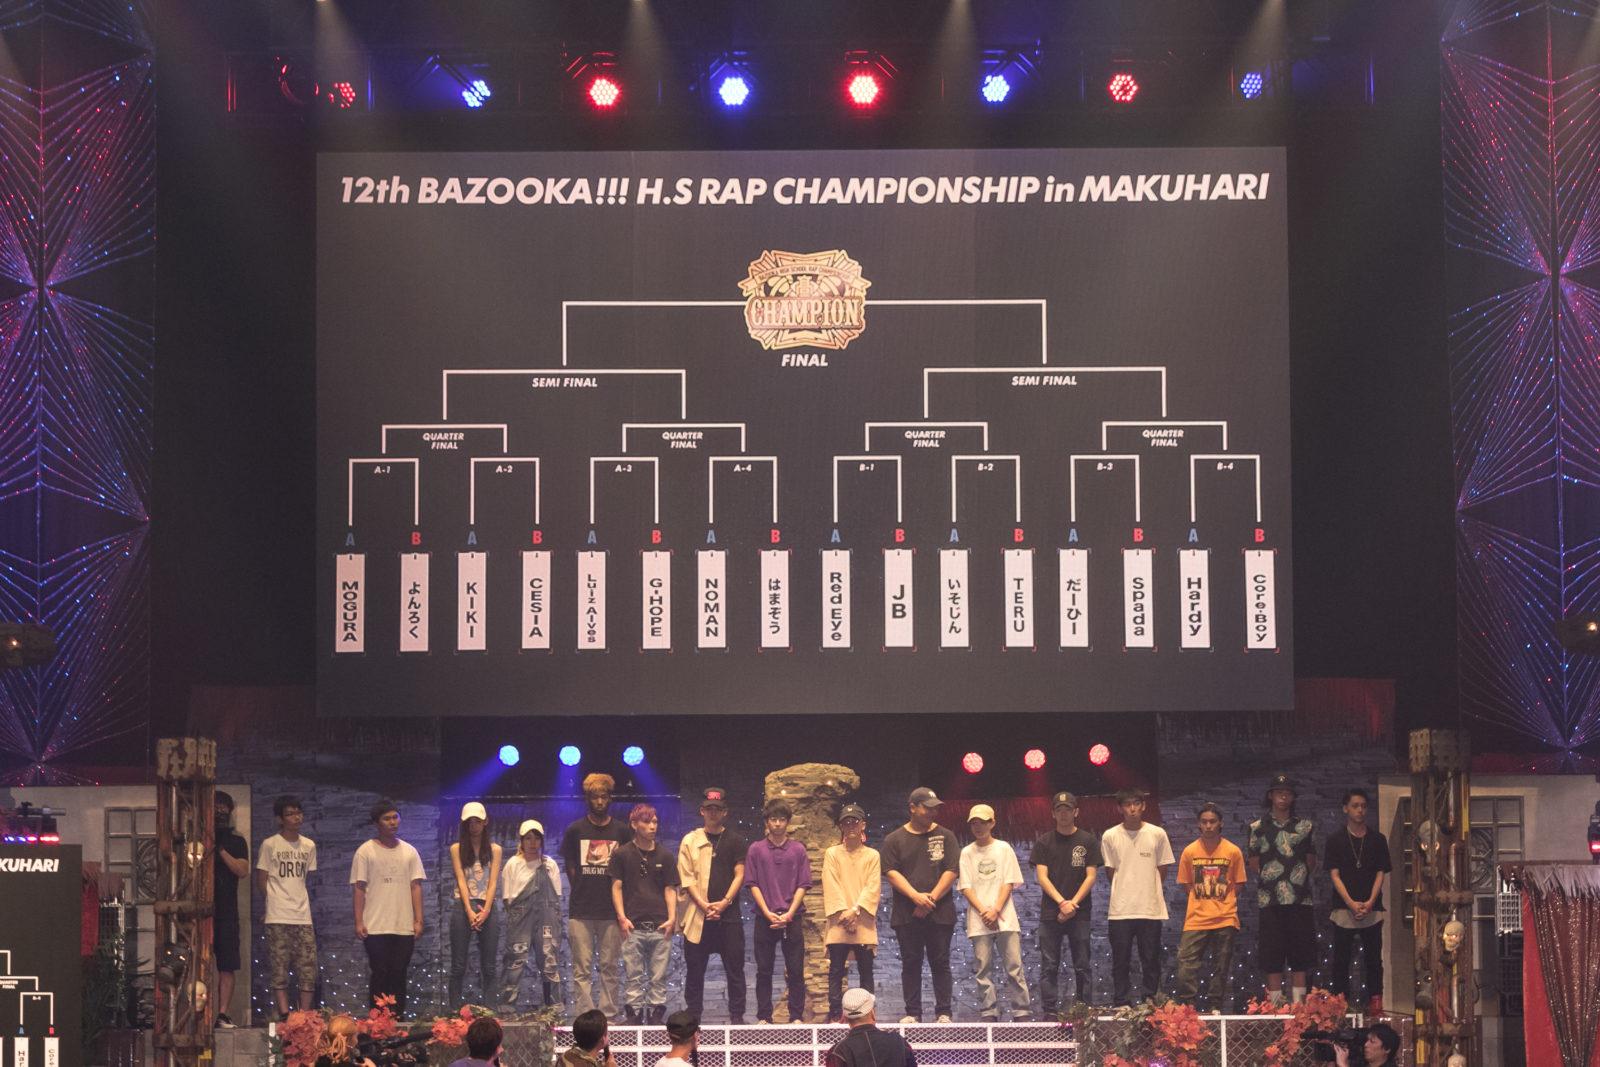 『第12回高校生RAP選手権in幕張』チャンピオンはCore-Boy!大会は9月4日(月)、LIVEアクトは9月11日(月)に放送サムネイル画像